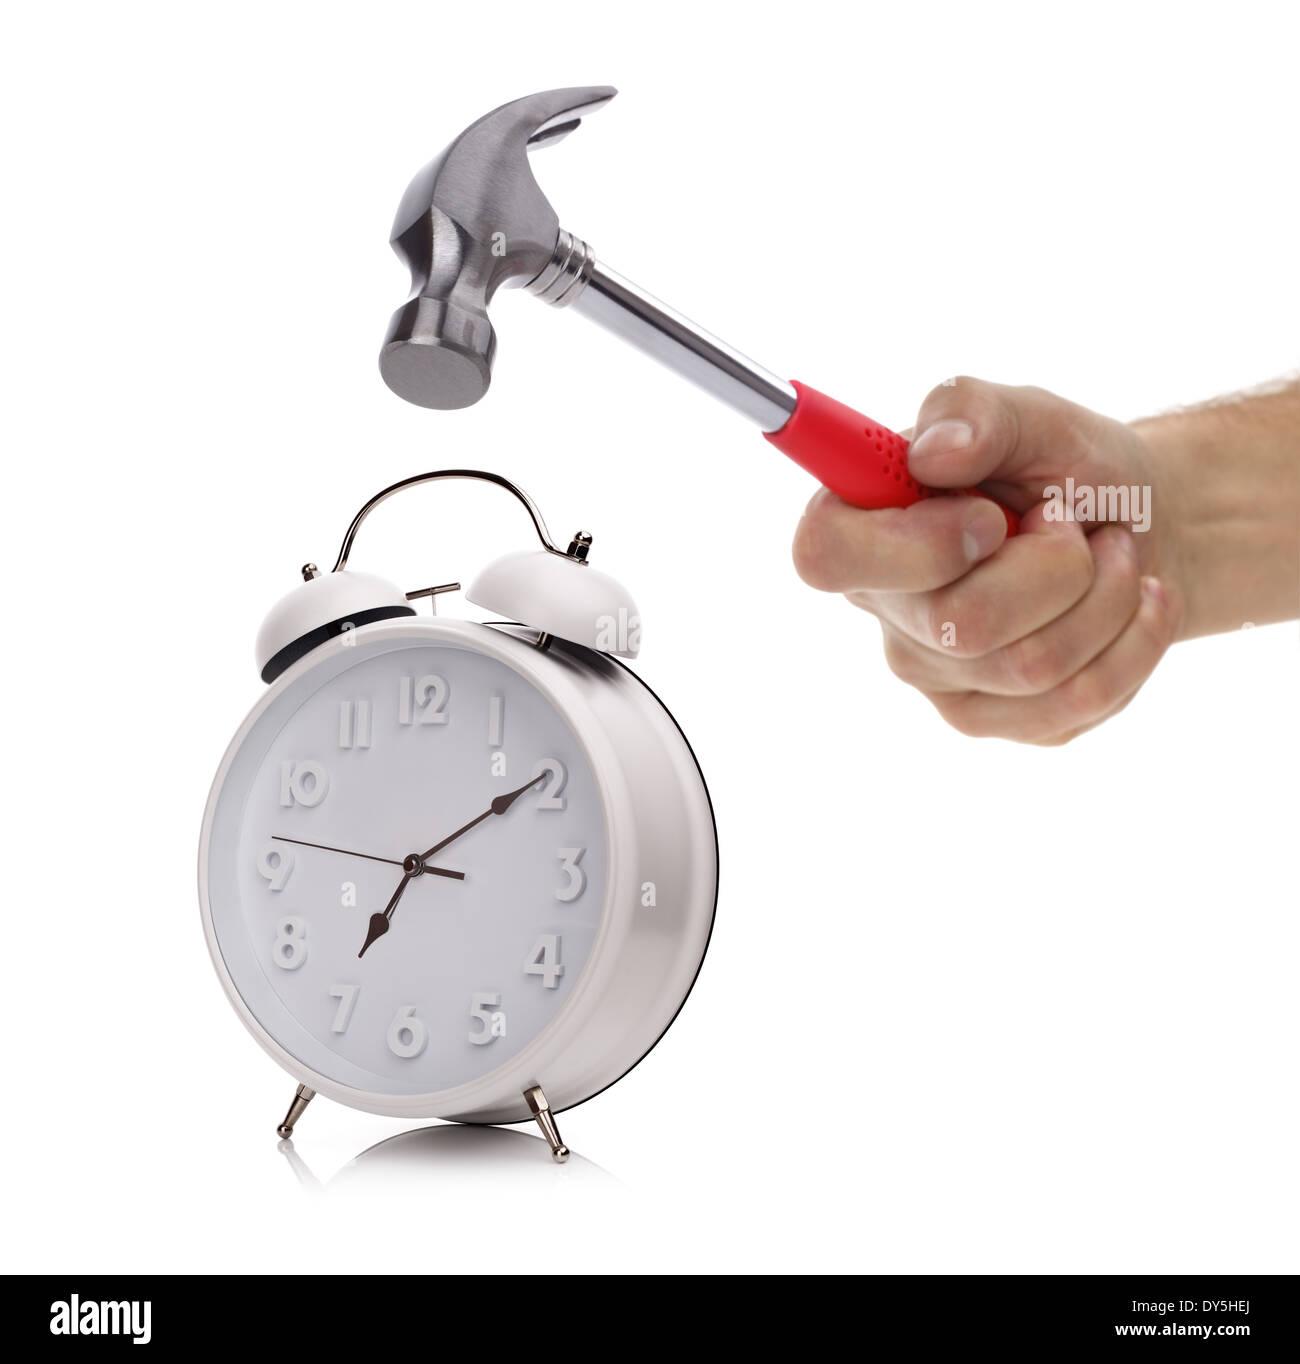 Reloj con alarma y martillo Imagen De Stock